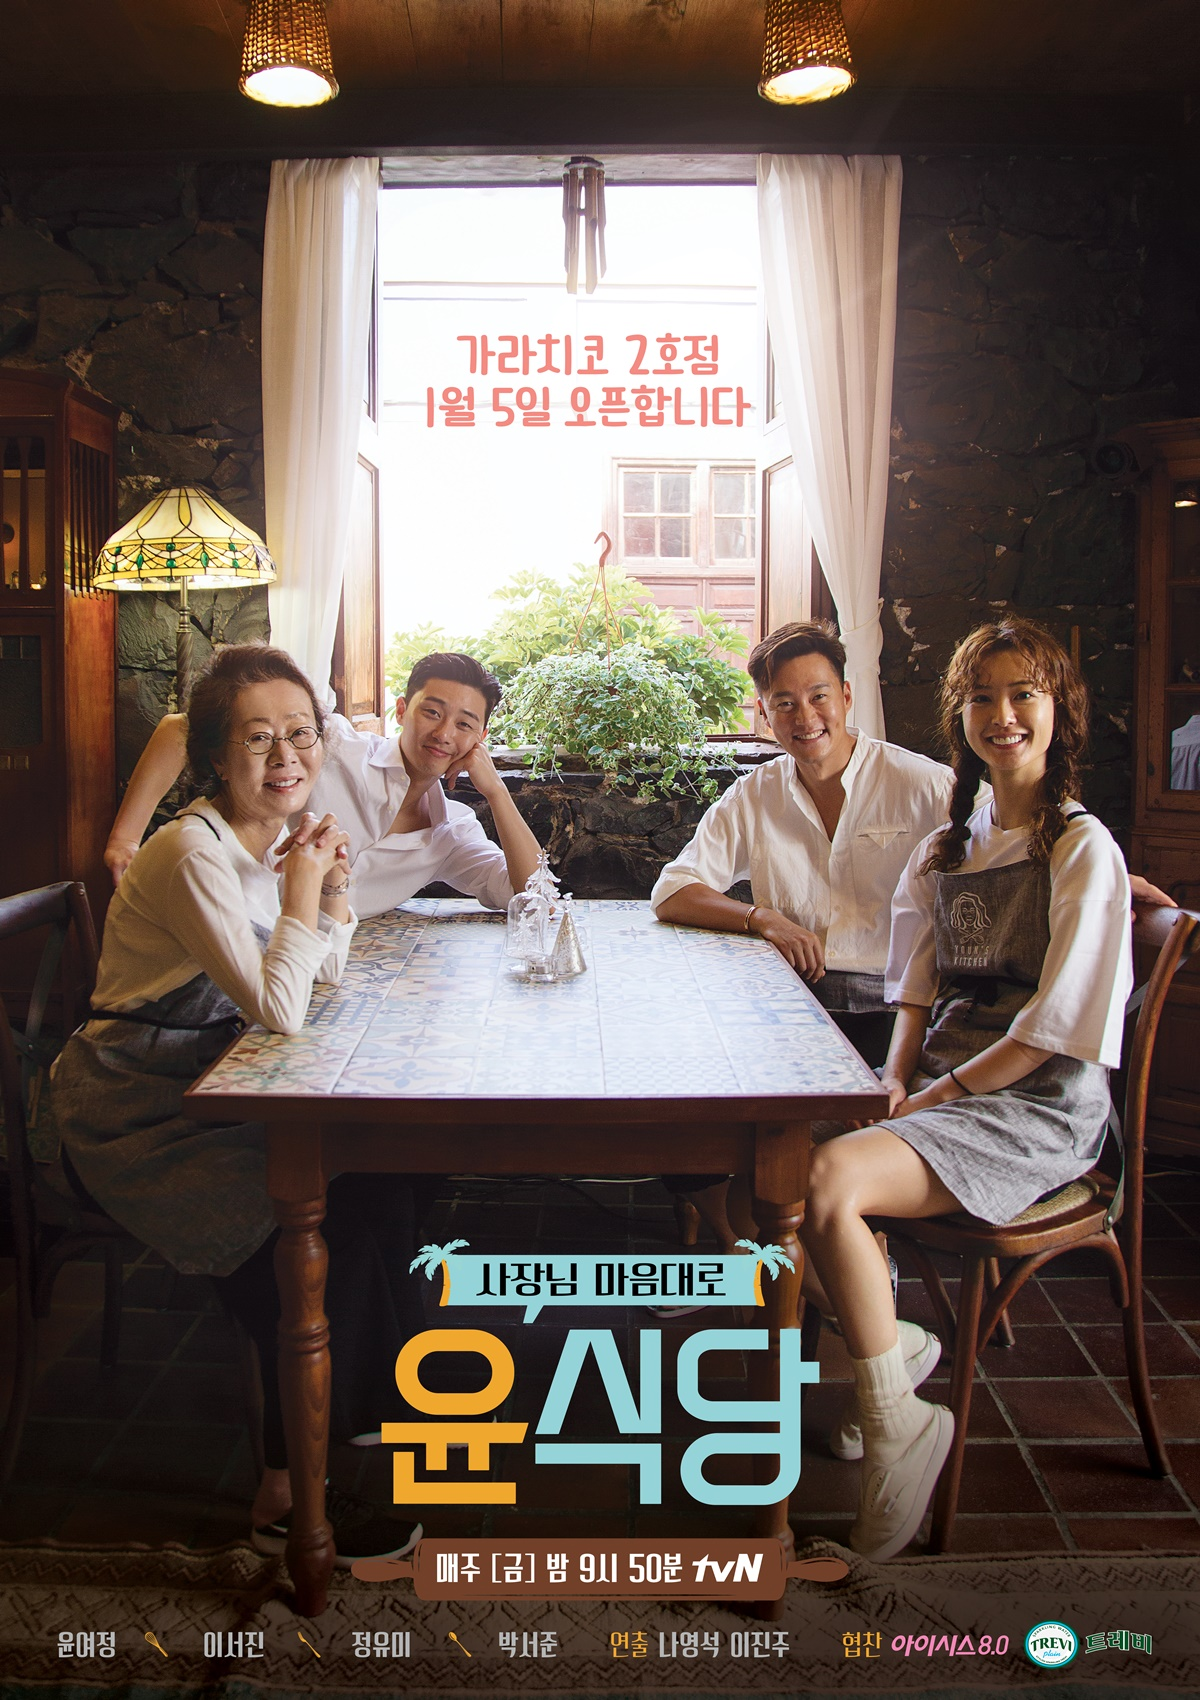 막내 박서준 합류한 <윤식당2> 공식포스터 공개! 메인 메뉴는 '비빔밥'